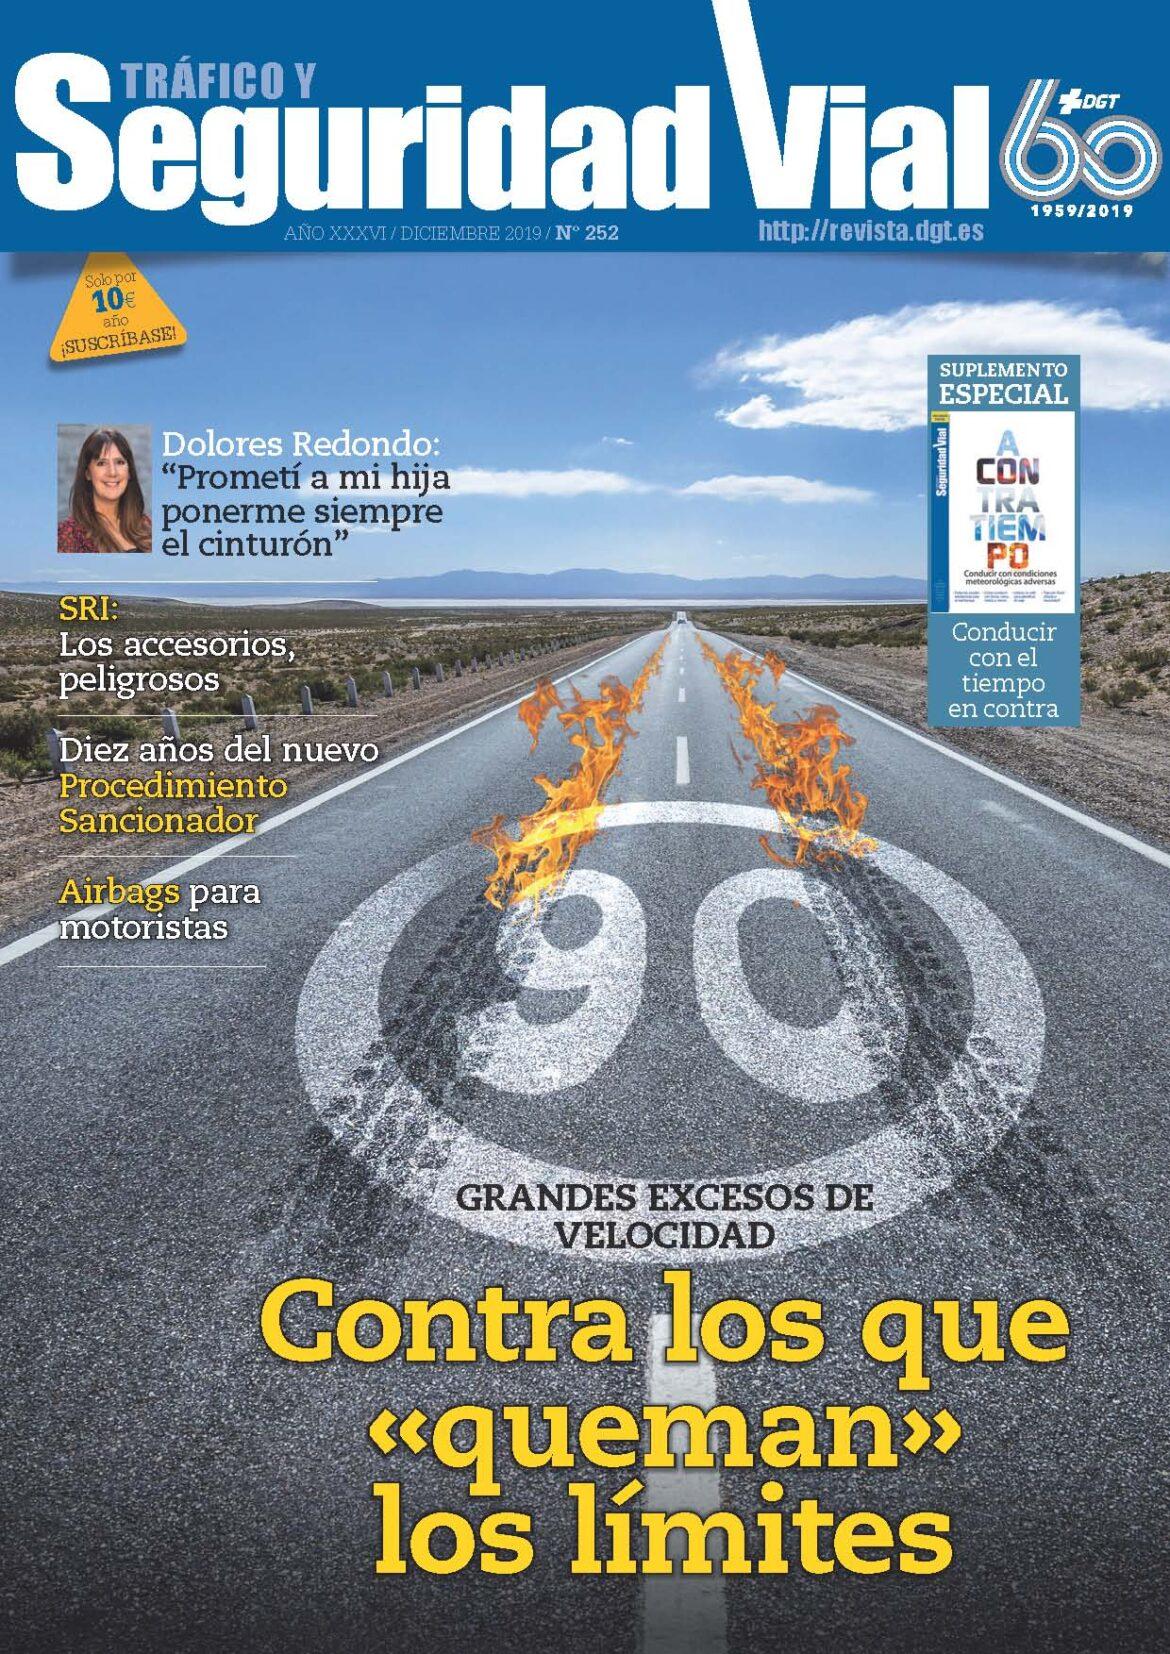 Revista tráfico y seguridad Vial DGT